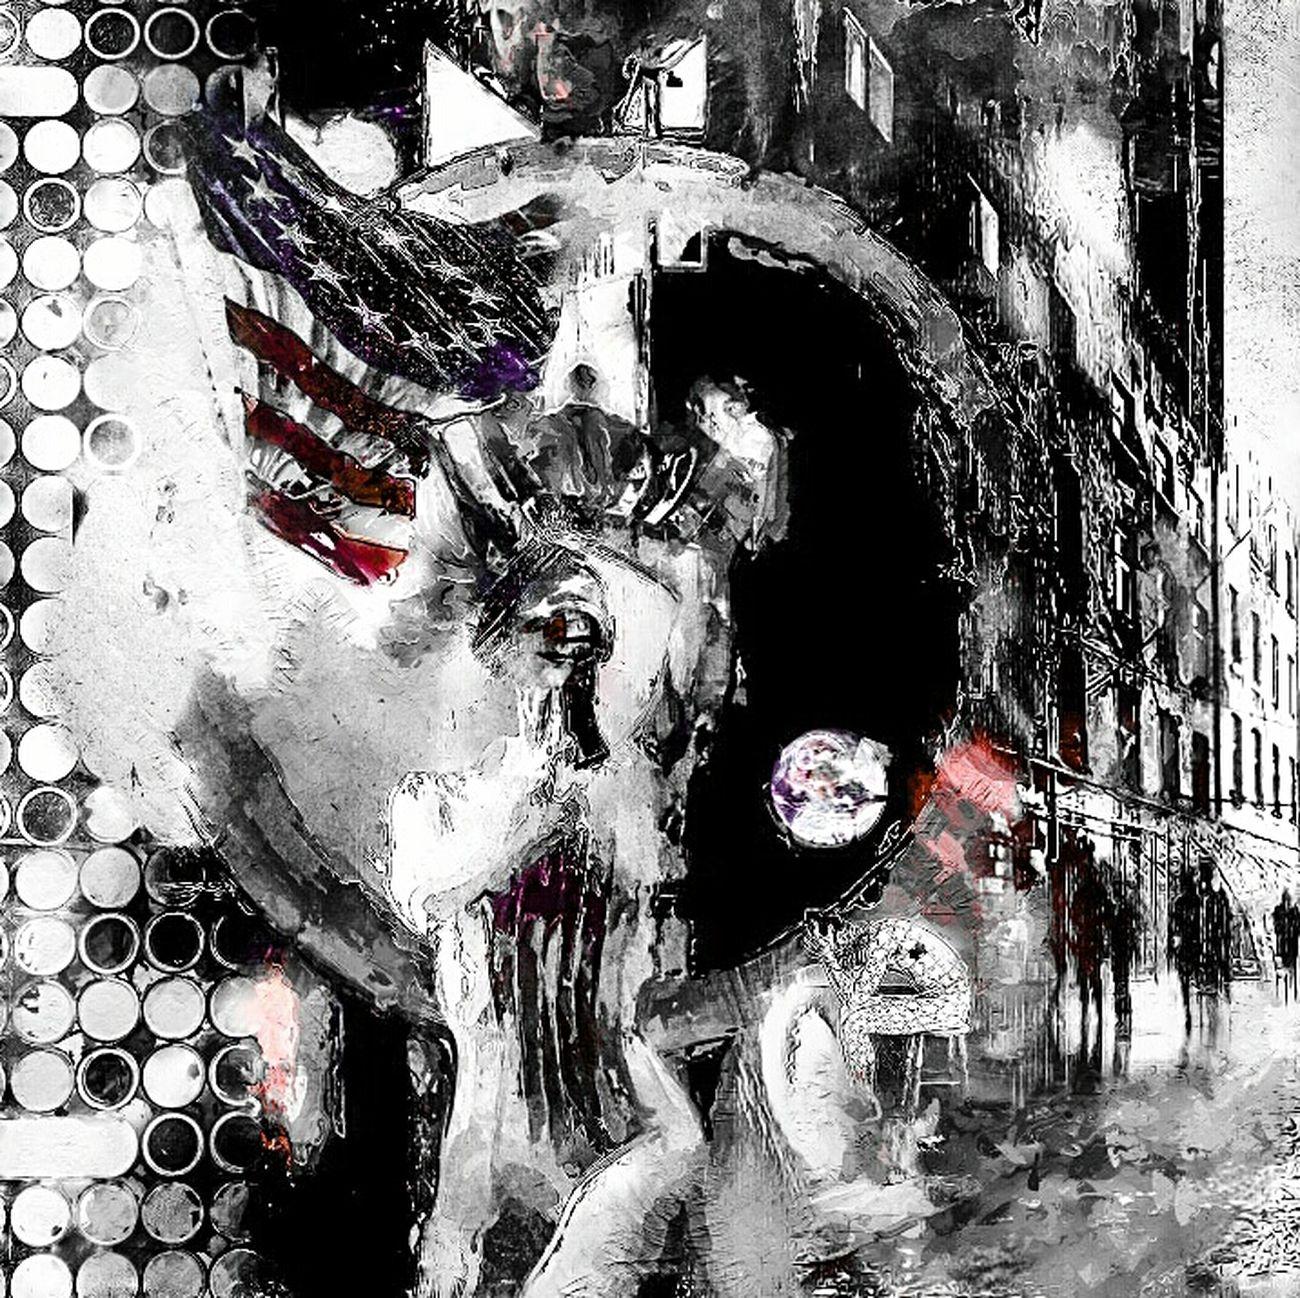 Hey✌ Doc What Are YOU Looking At? Variation Or Miscellaneous? Quietude C'est Pas Vraiment Un Freestyle... Looking For Water Paradis Express Quinte Flush Royale What I Value Anons Hack Your As Move Your Body le soleil éternue et tu regarderas la lune ... je barbouillerai encore la 6t Mastercloche Horizon Over Water Sold Your Adventure Dès Le Départ Faut Que Tu Comprennes Louange Au Gange C'est Où ça Crame ?!